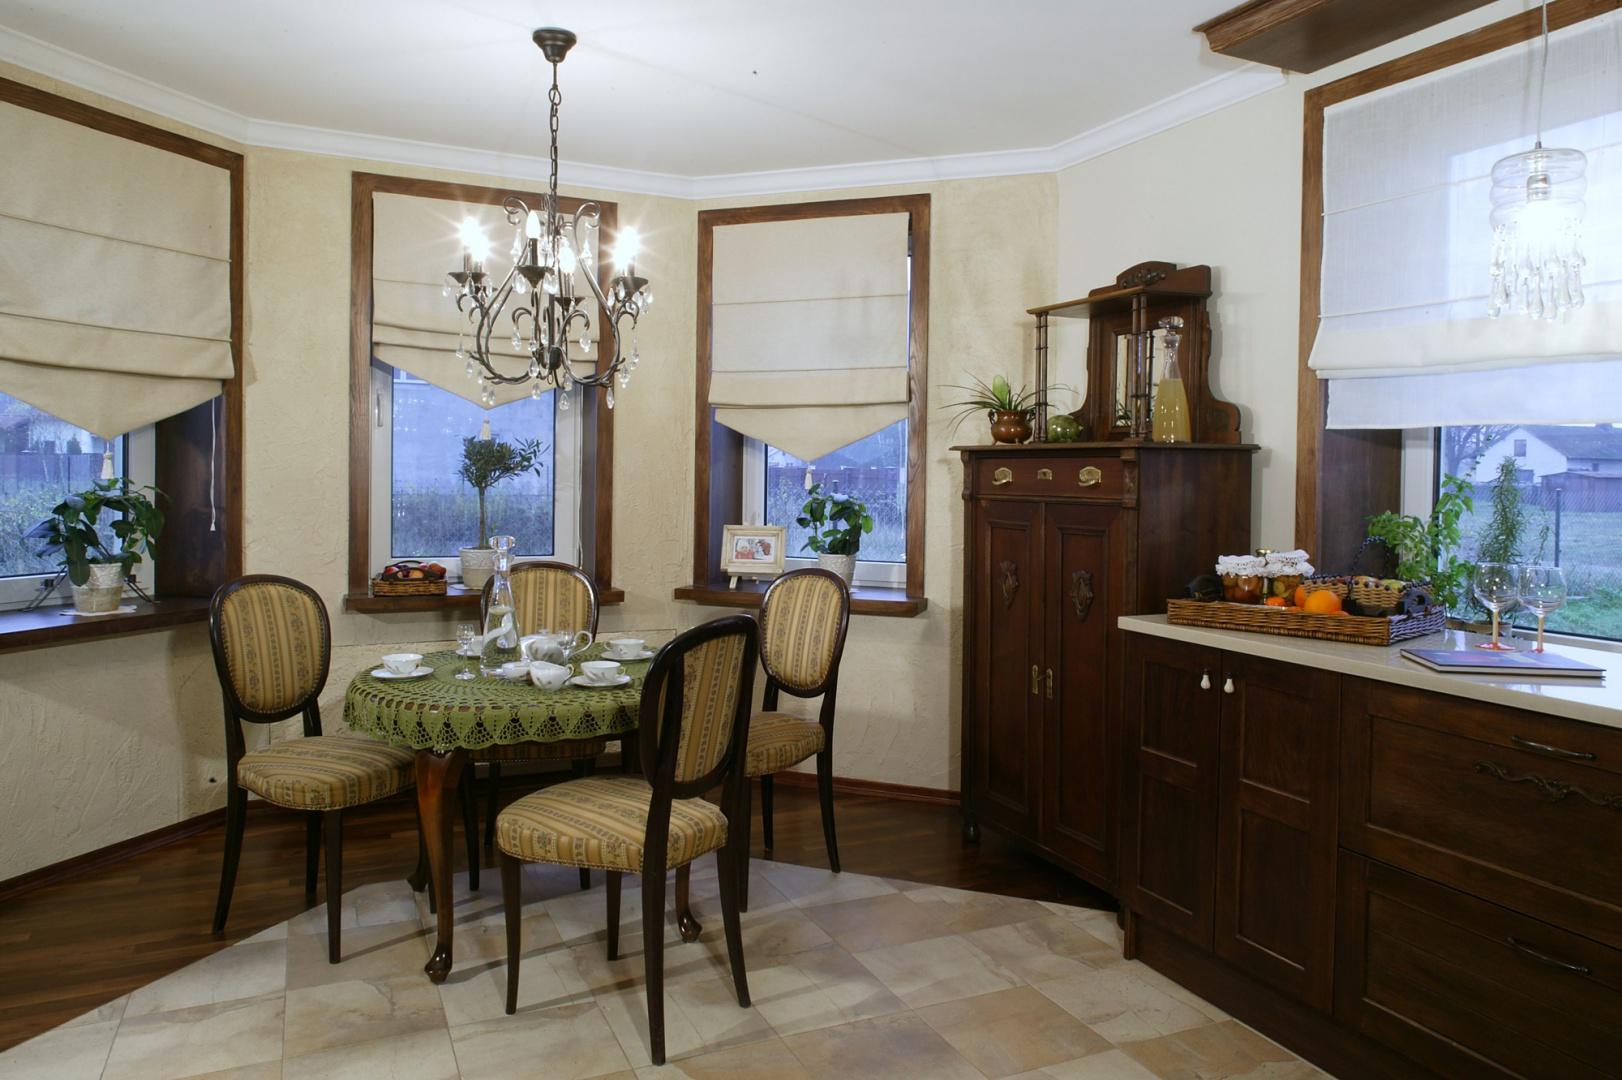 """Okrągły stolik z krzesłami, jak i wiele innych starych mebli, to cenne trofea, które pani domu zdobyła """"podróżując"""" po sklepach internetowych. Porcelana i obrus zaliczają się do licznych pamiątek po babci. Fot. Monika Filipiuk."""